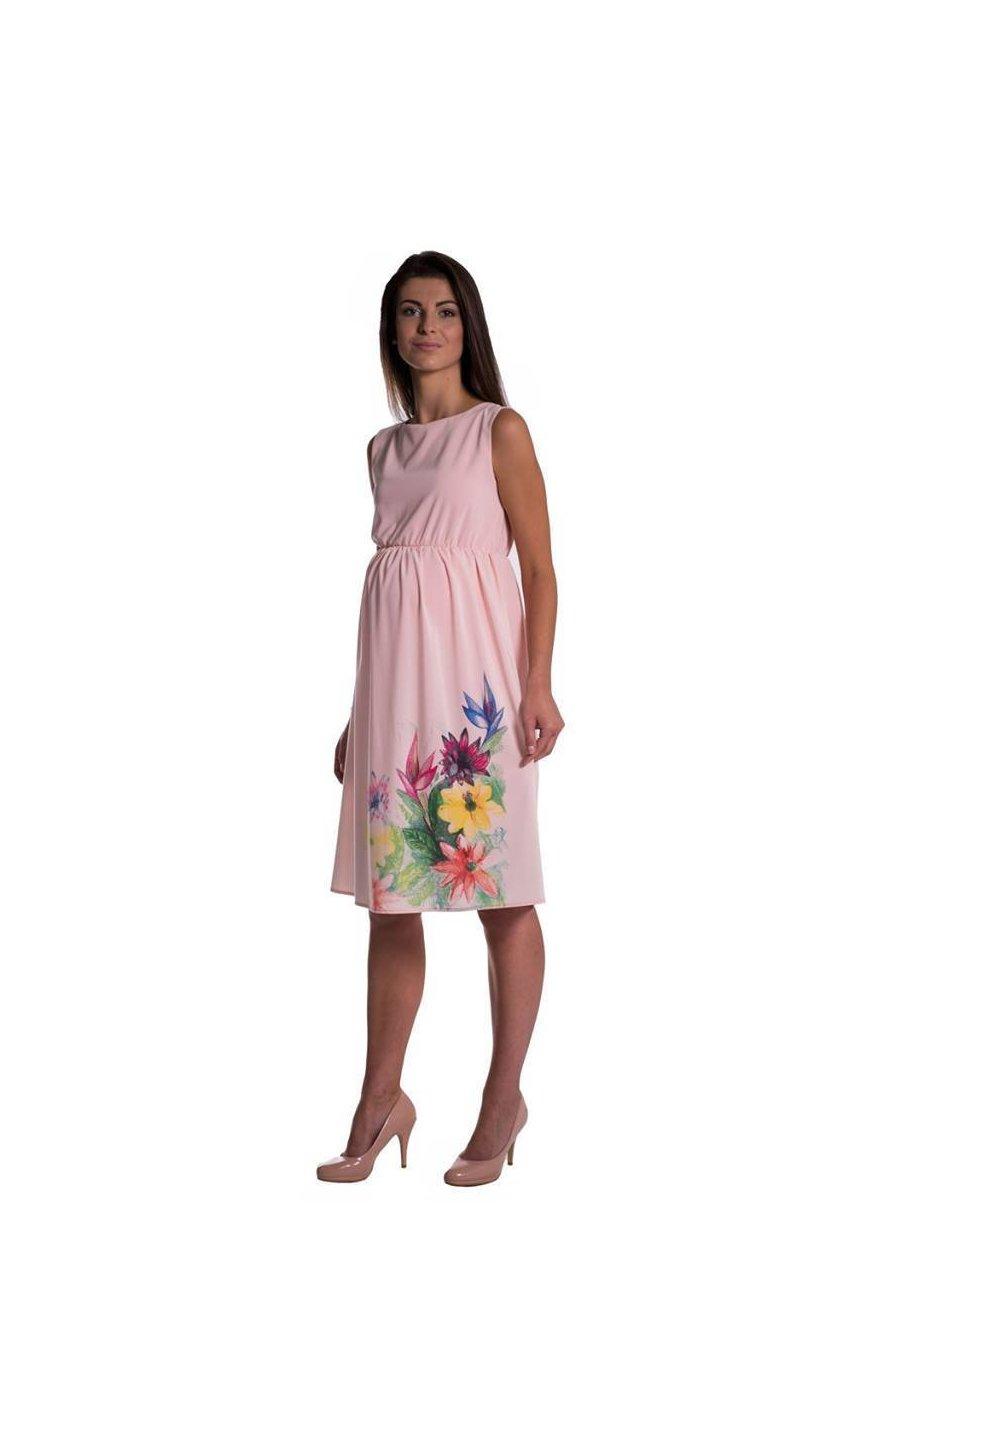 Rochie gravide, roz cu imprimeu floral imagine